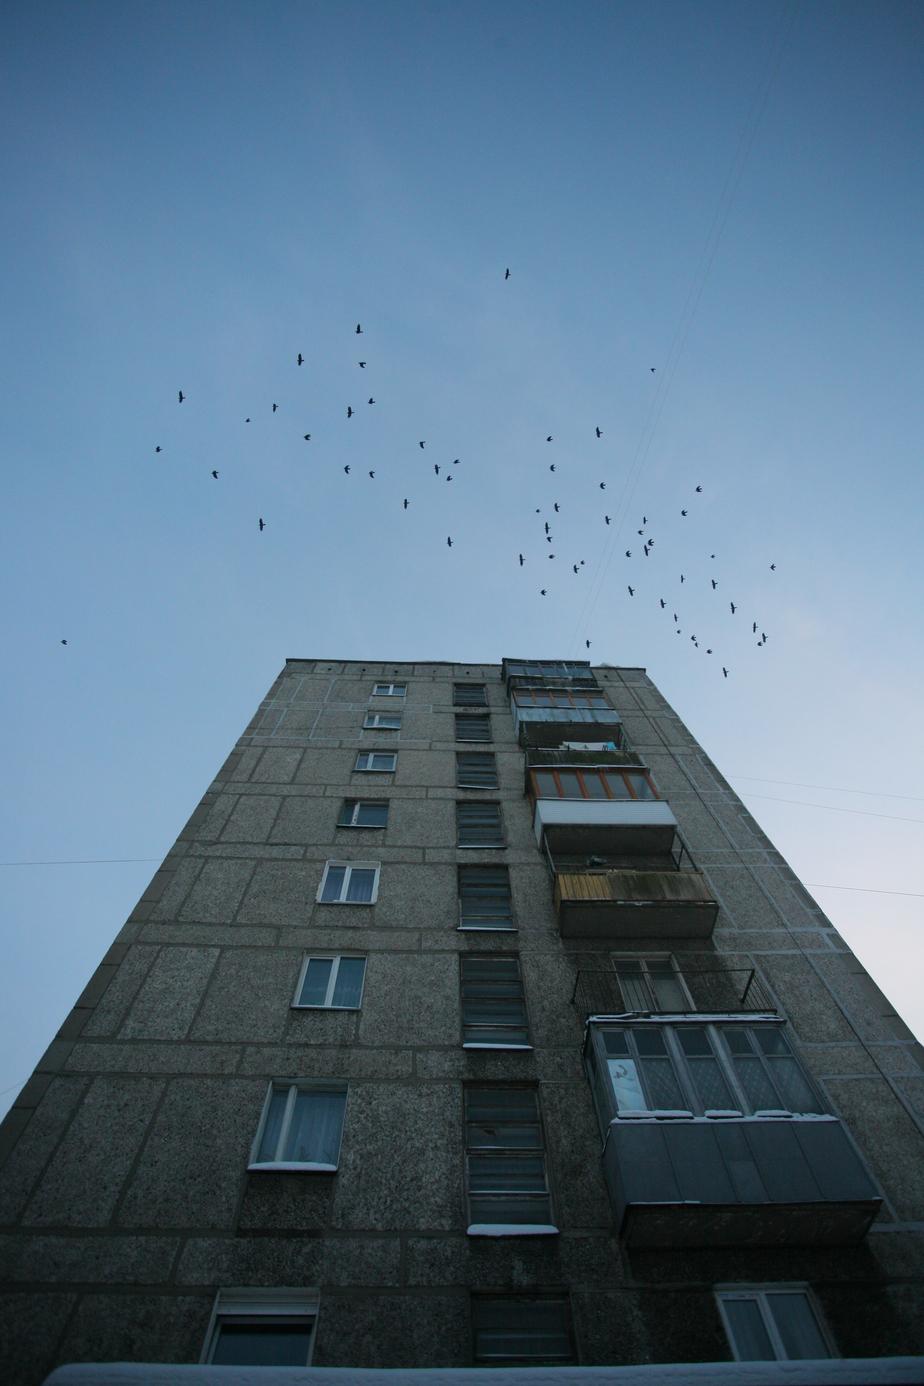 В Гурьевске пьяный мужчина выпрыгнул с четвертого этажа